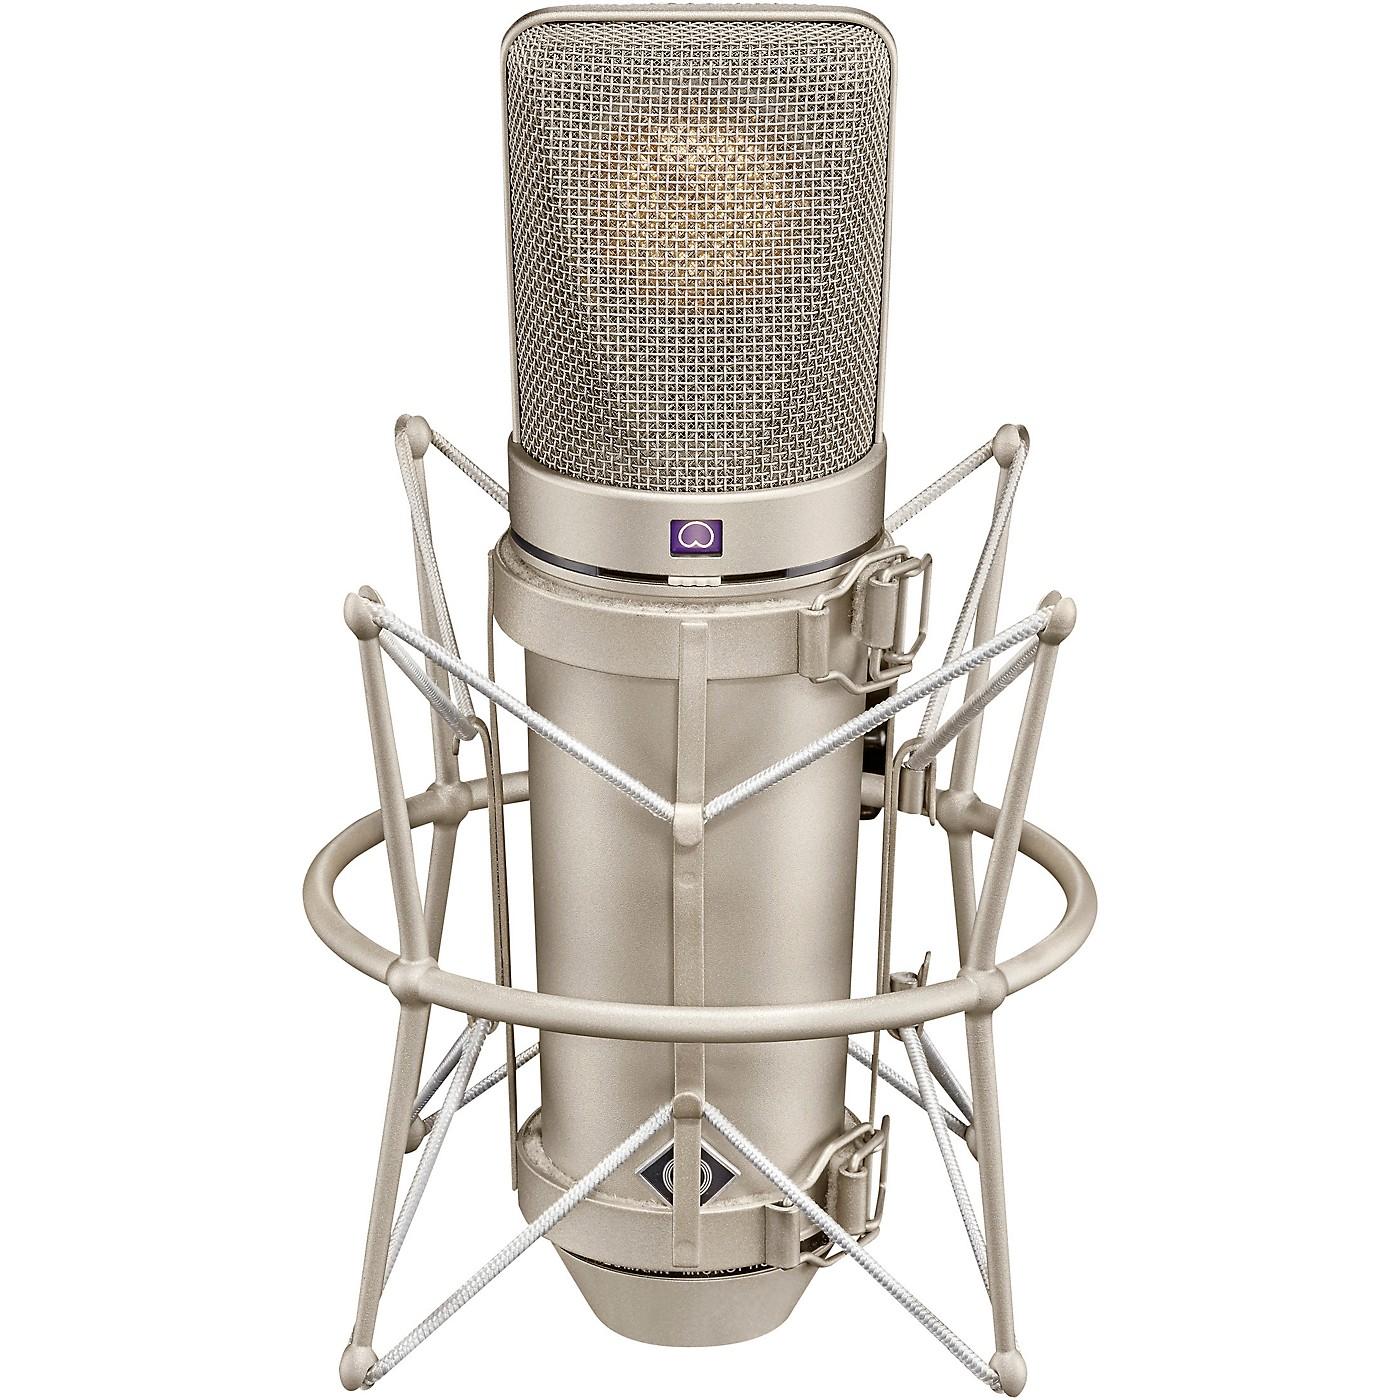 Neumann U67, Tube Condenser Microphone Reissue thumbnail